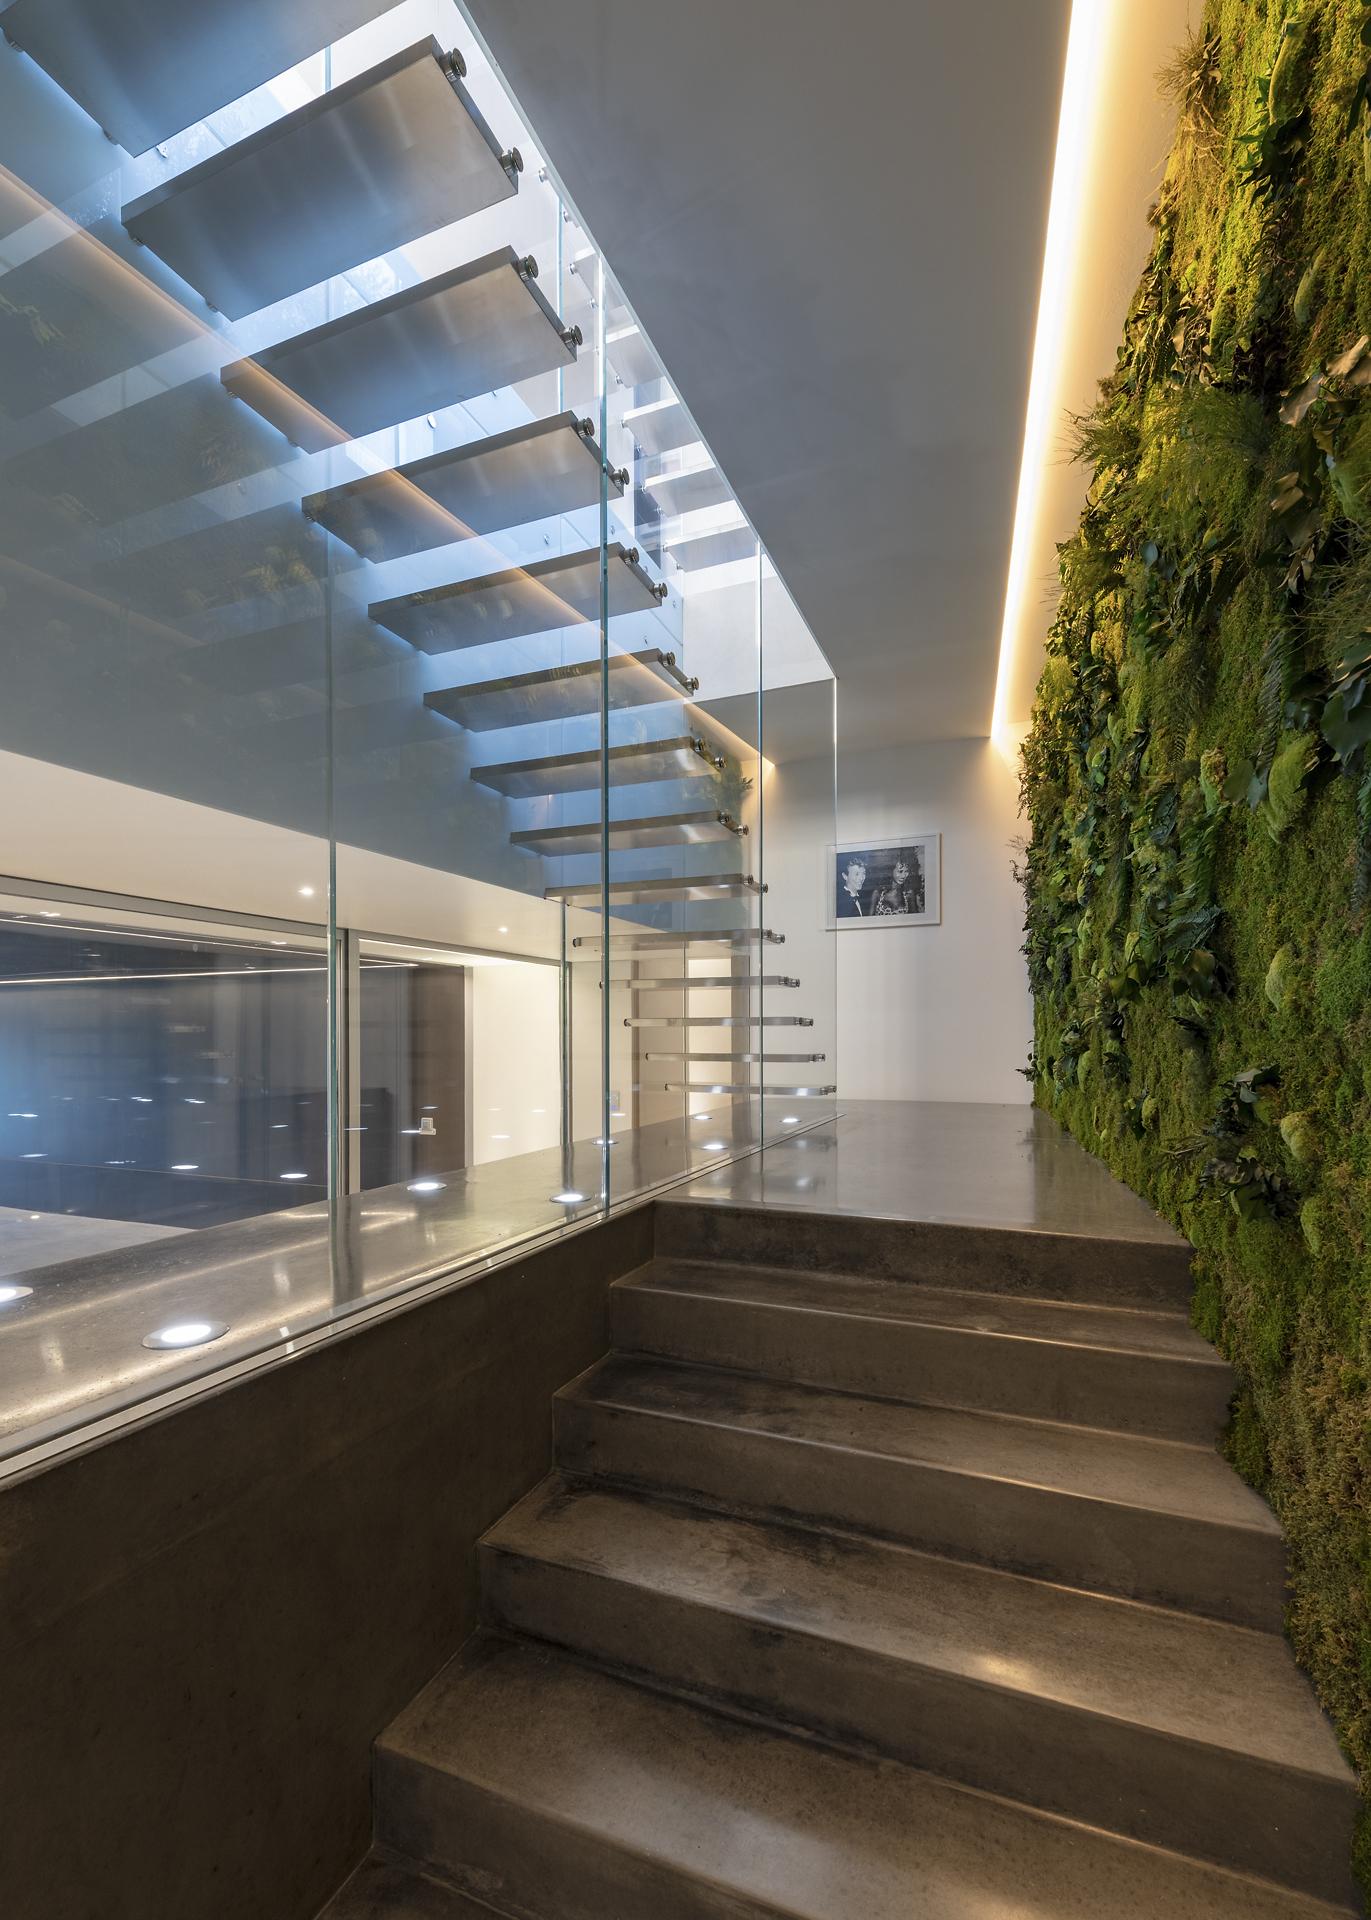 Spots encastré sous les escaliers de la villa privée Sigma